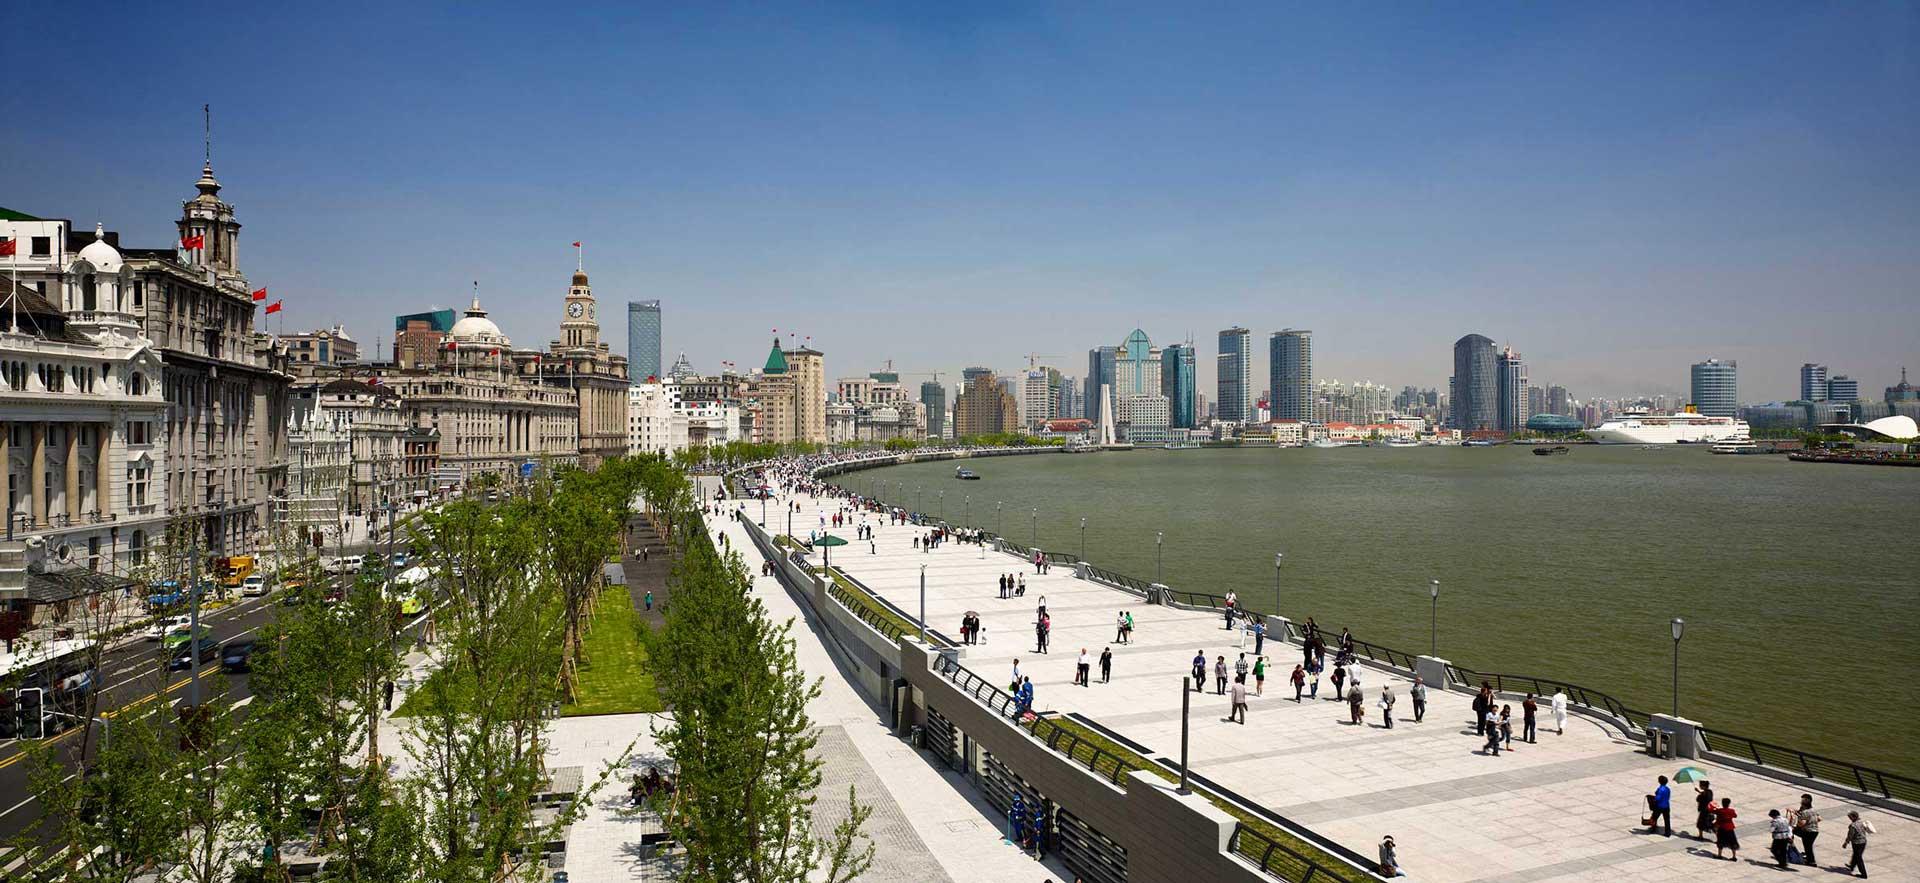 4_Shanghai-Bund_Klopfer-Martin-Design-Group_Landscape-Architecture_urban-green-space_traffic-buffer.jpg